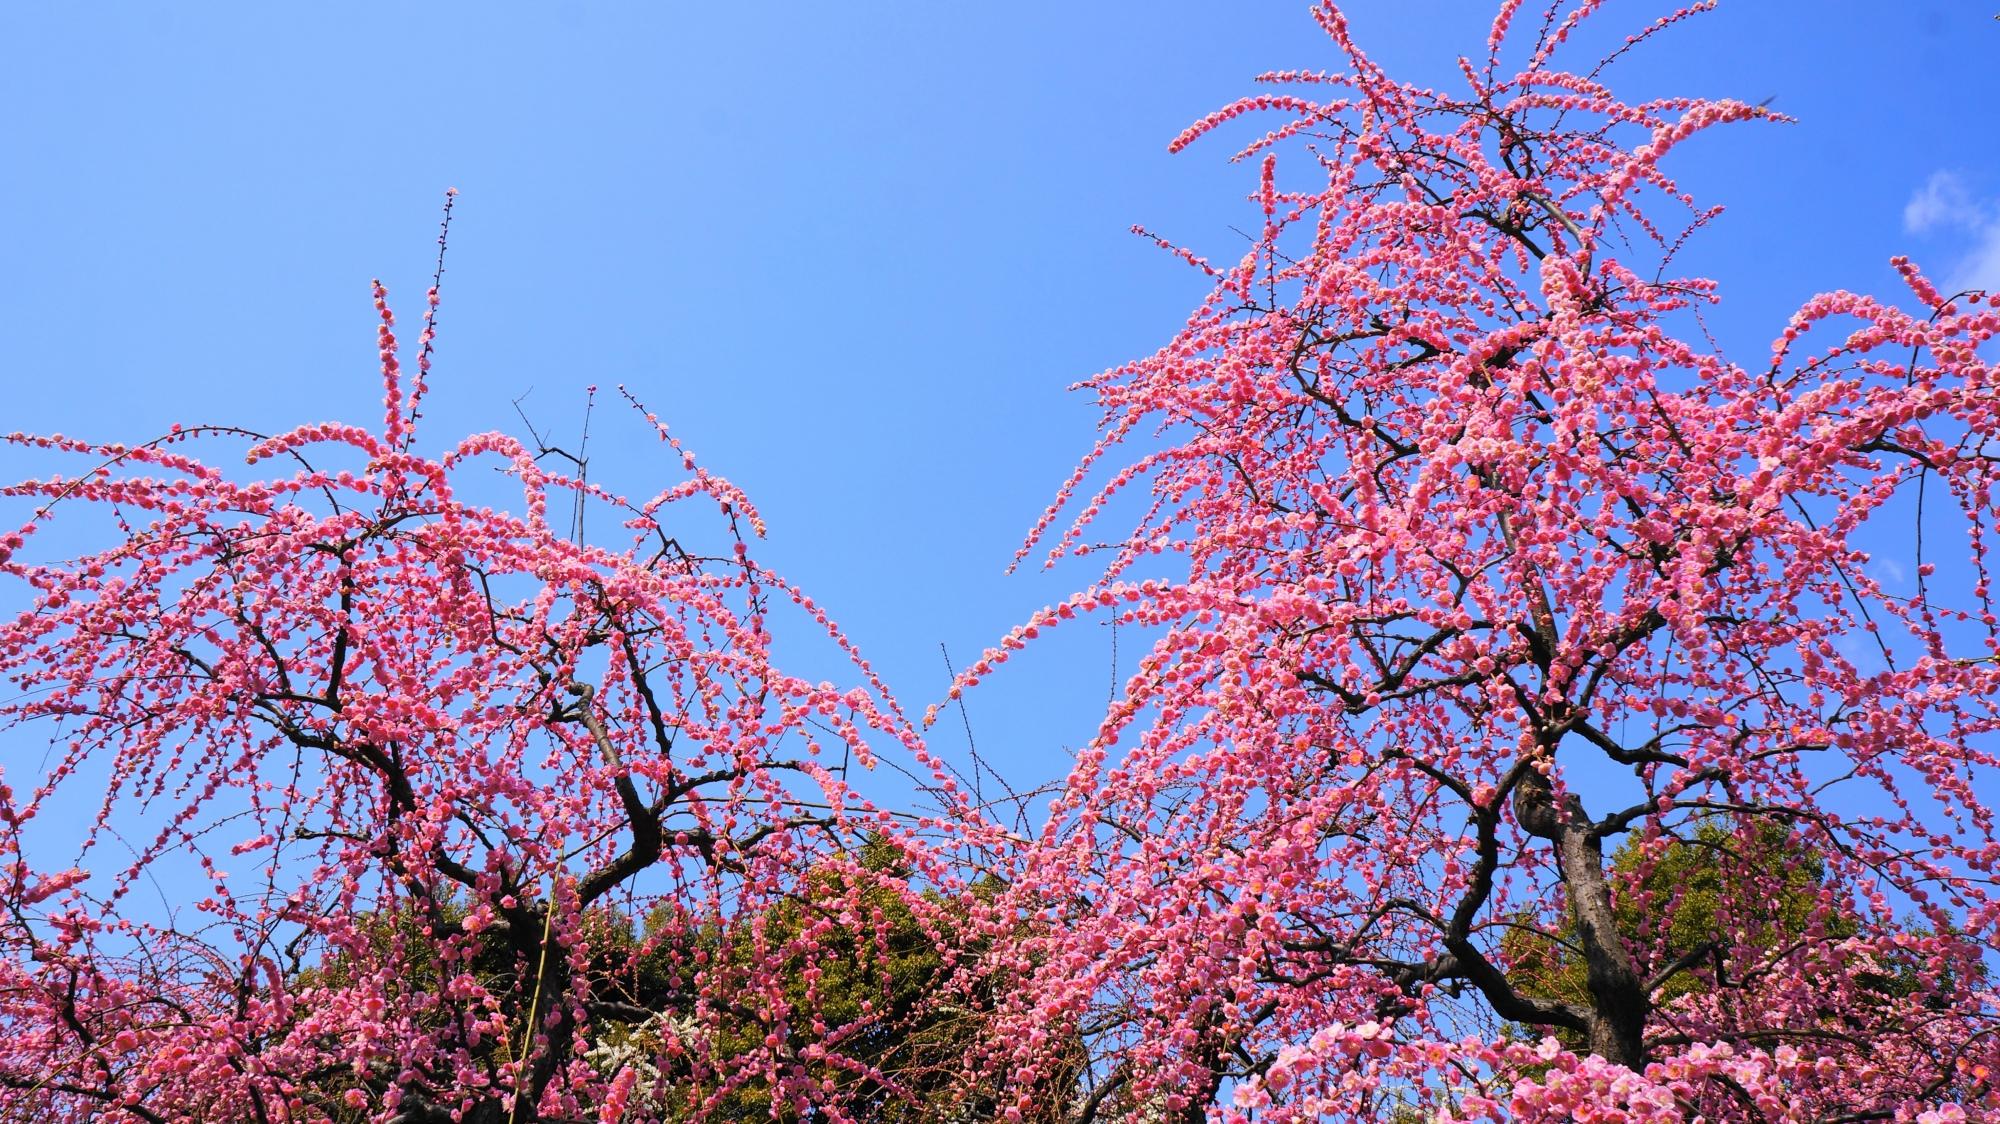 青空から降り注ぐピンクのしだれ梅